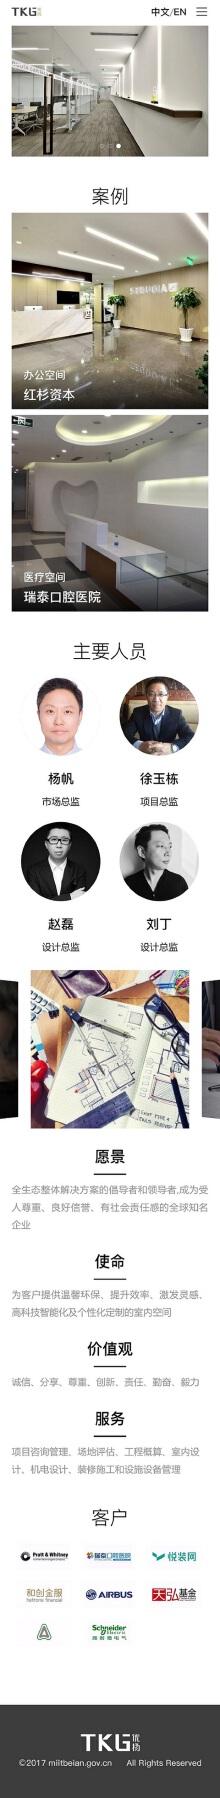 悠扬工程手机端中文官网